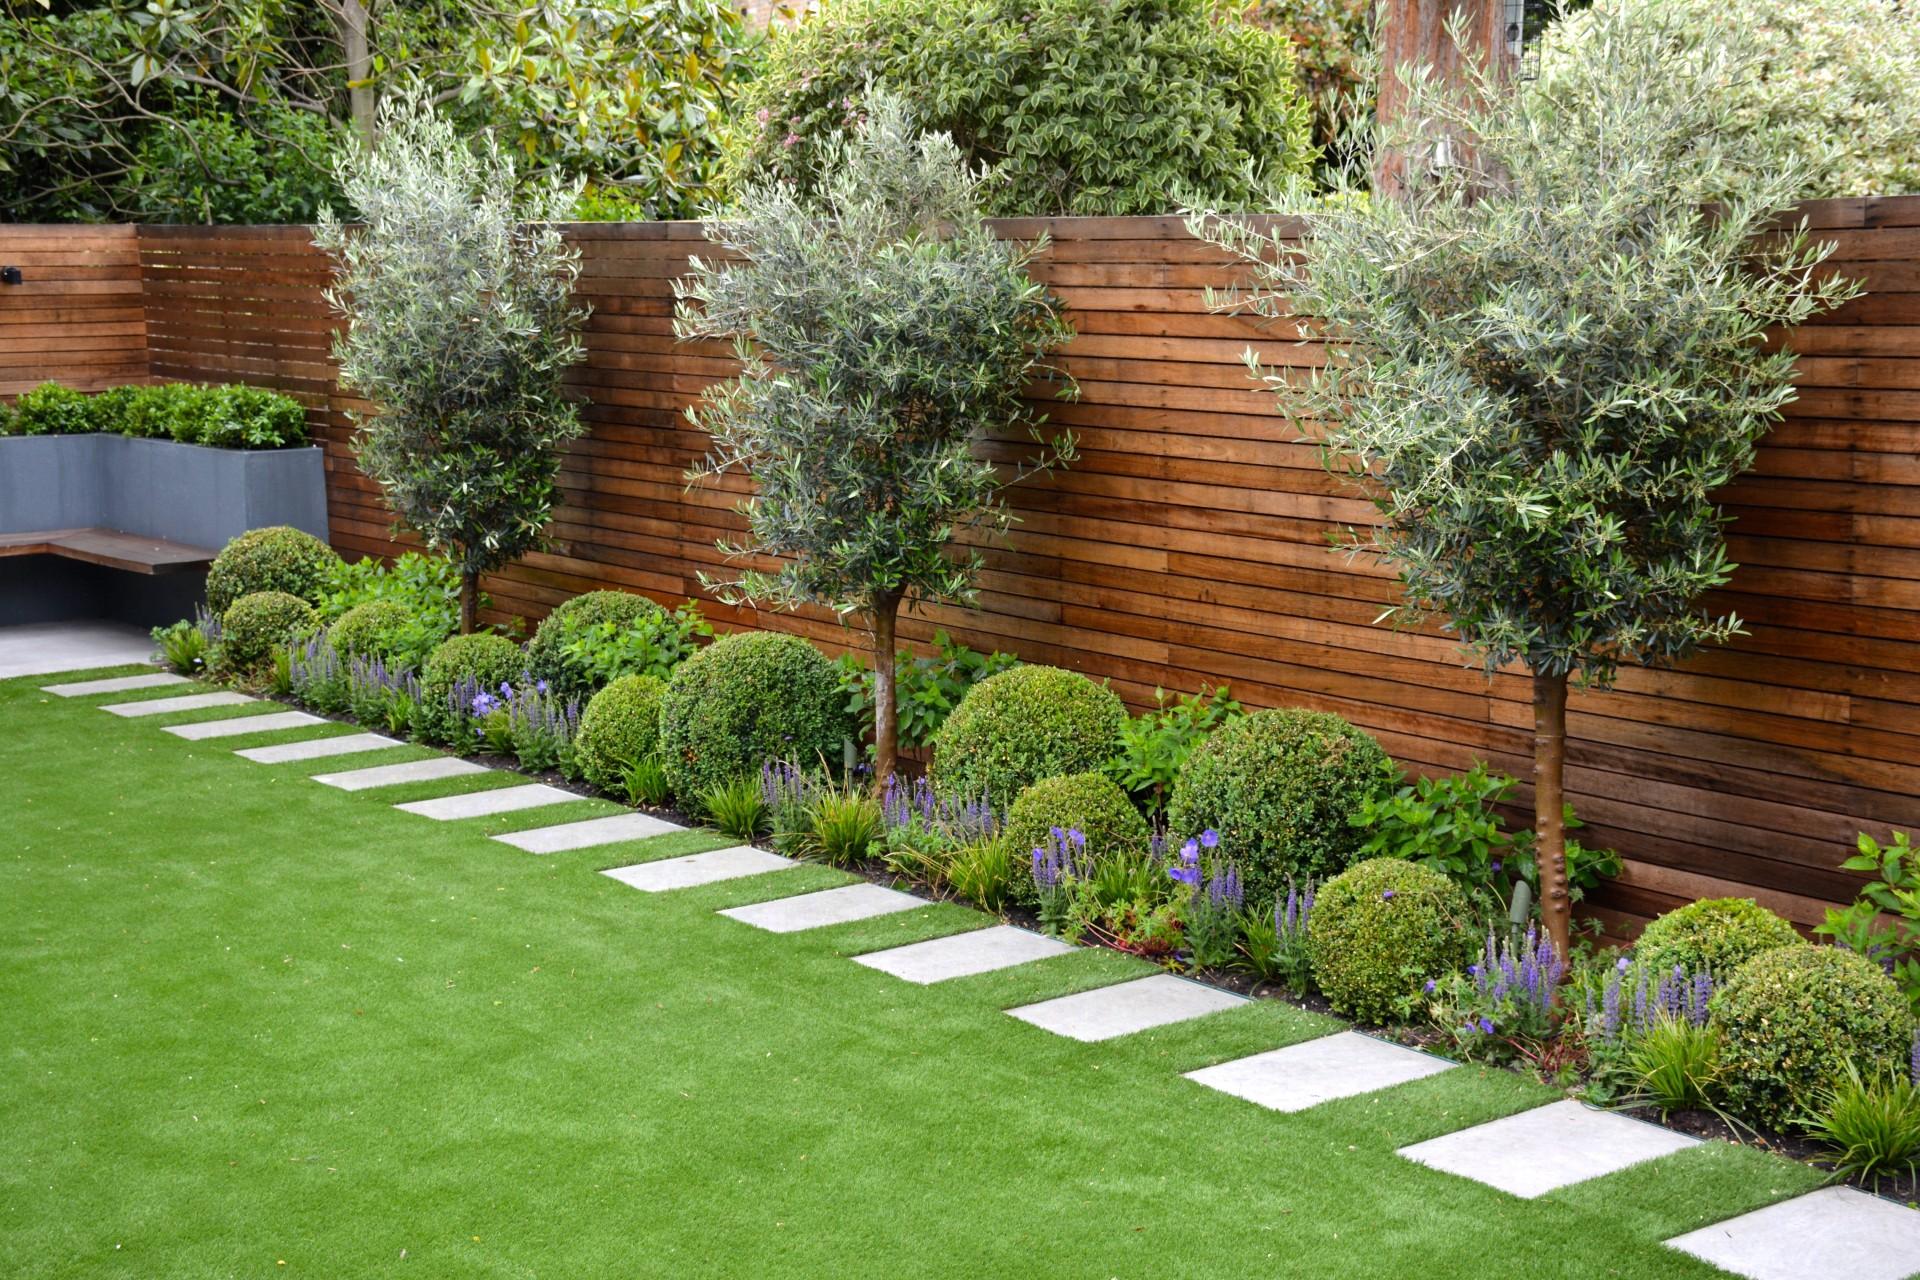 Tom Howard Gardens